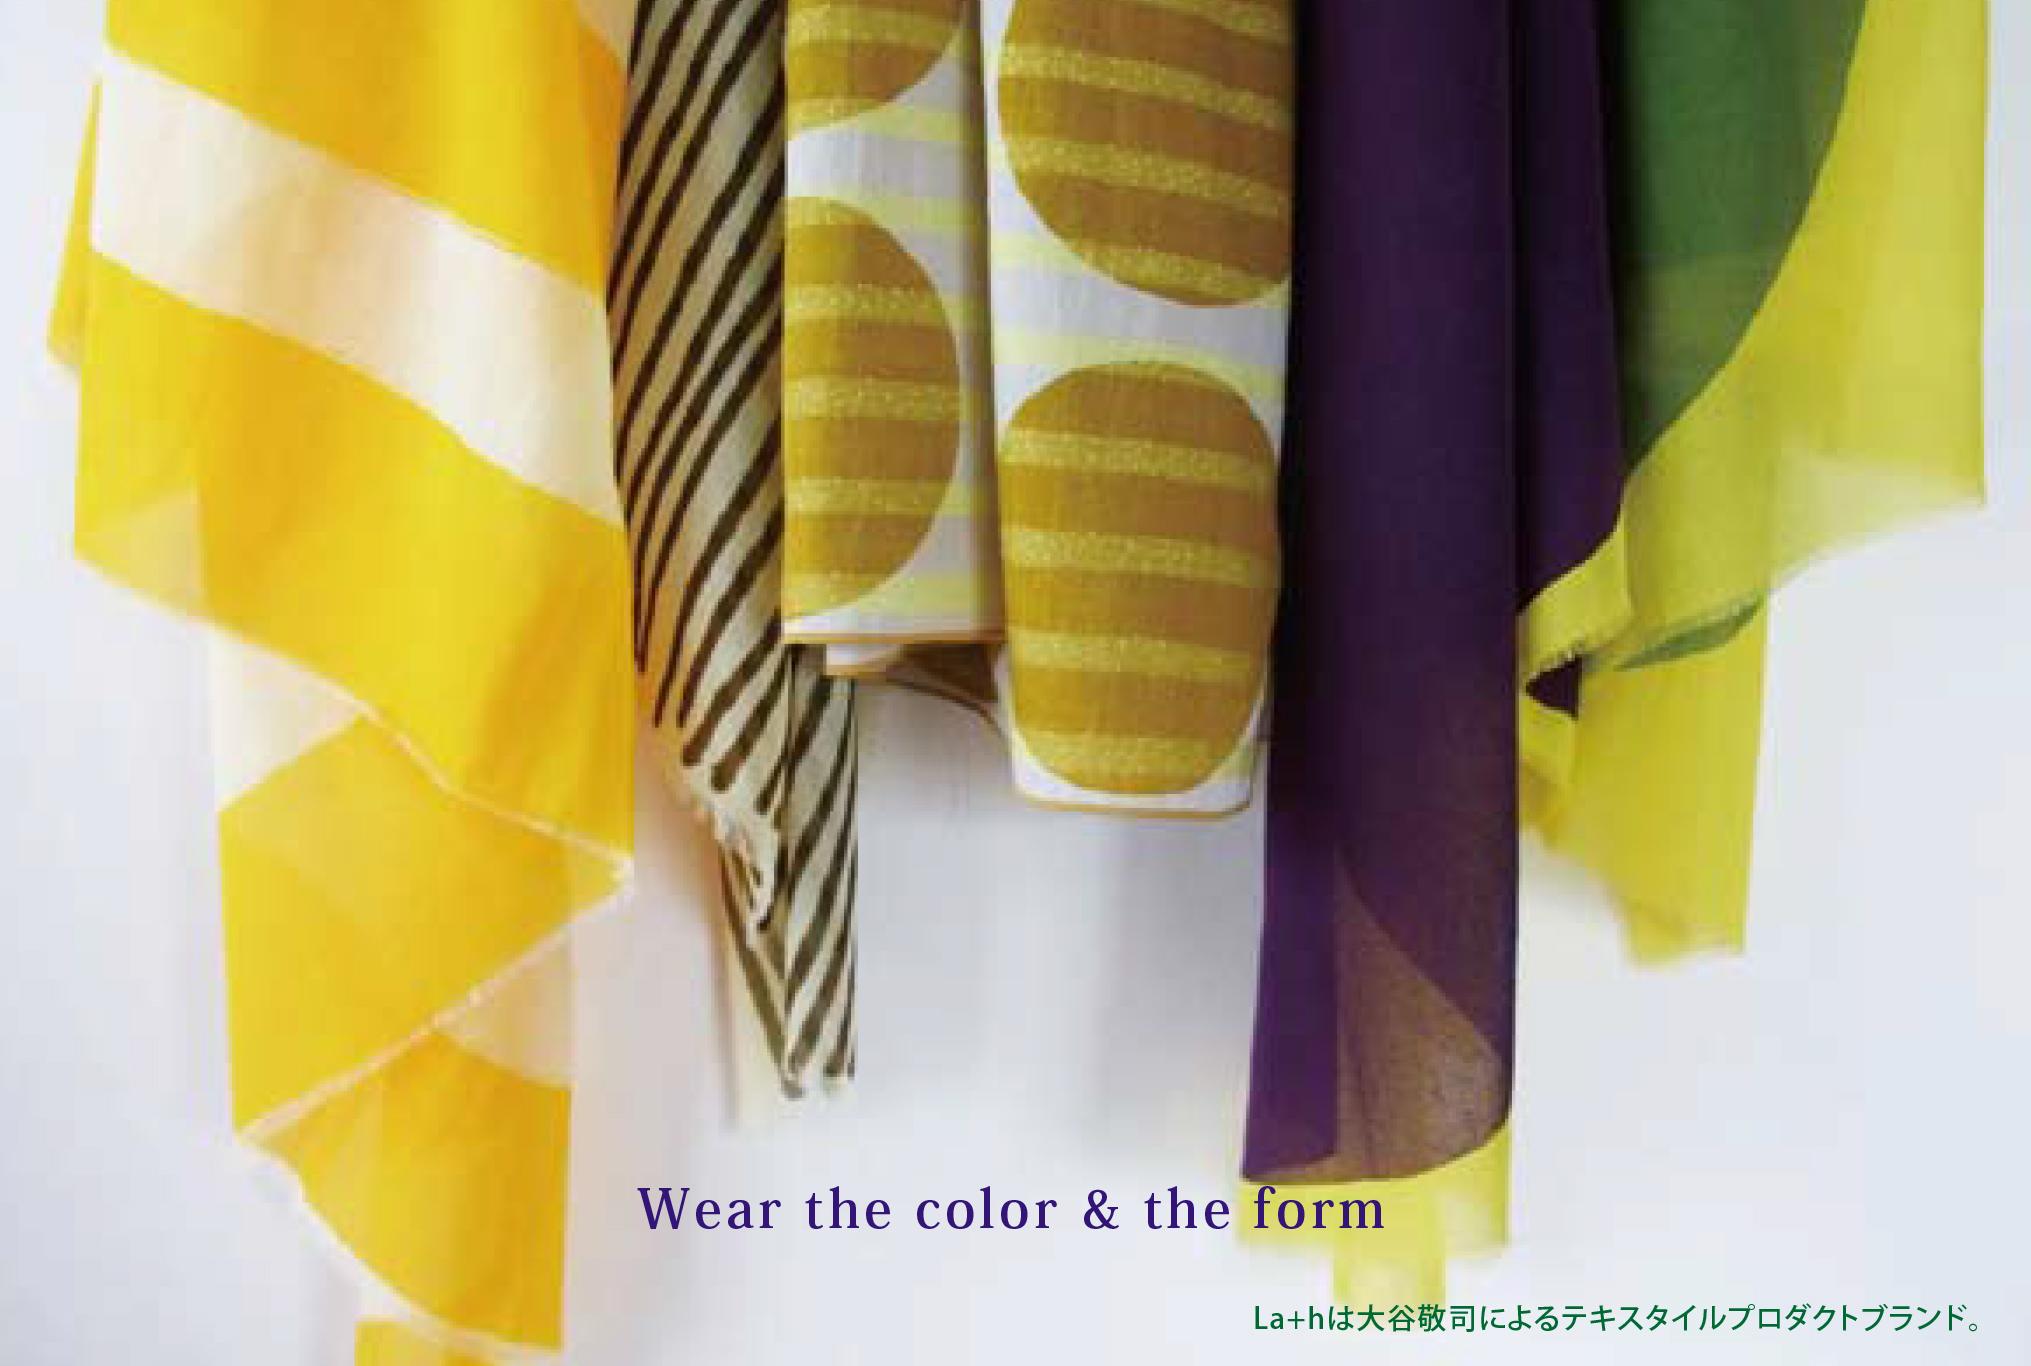 Wear the color & the form La+hのストールとeri,のアクセサリー